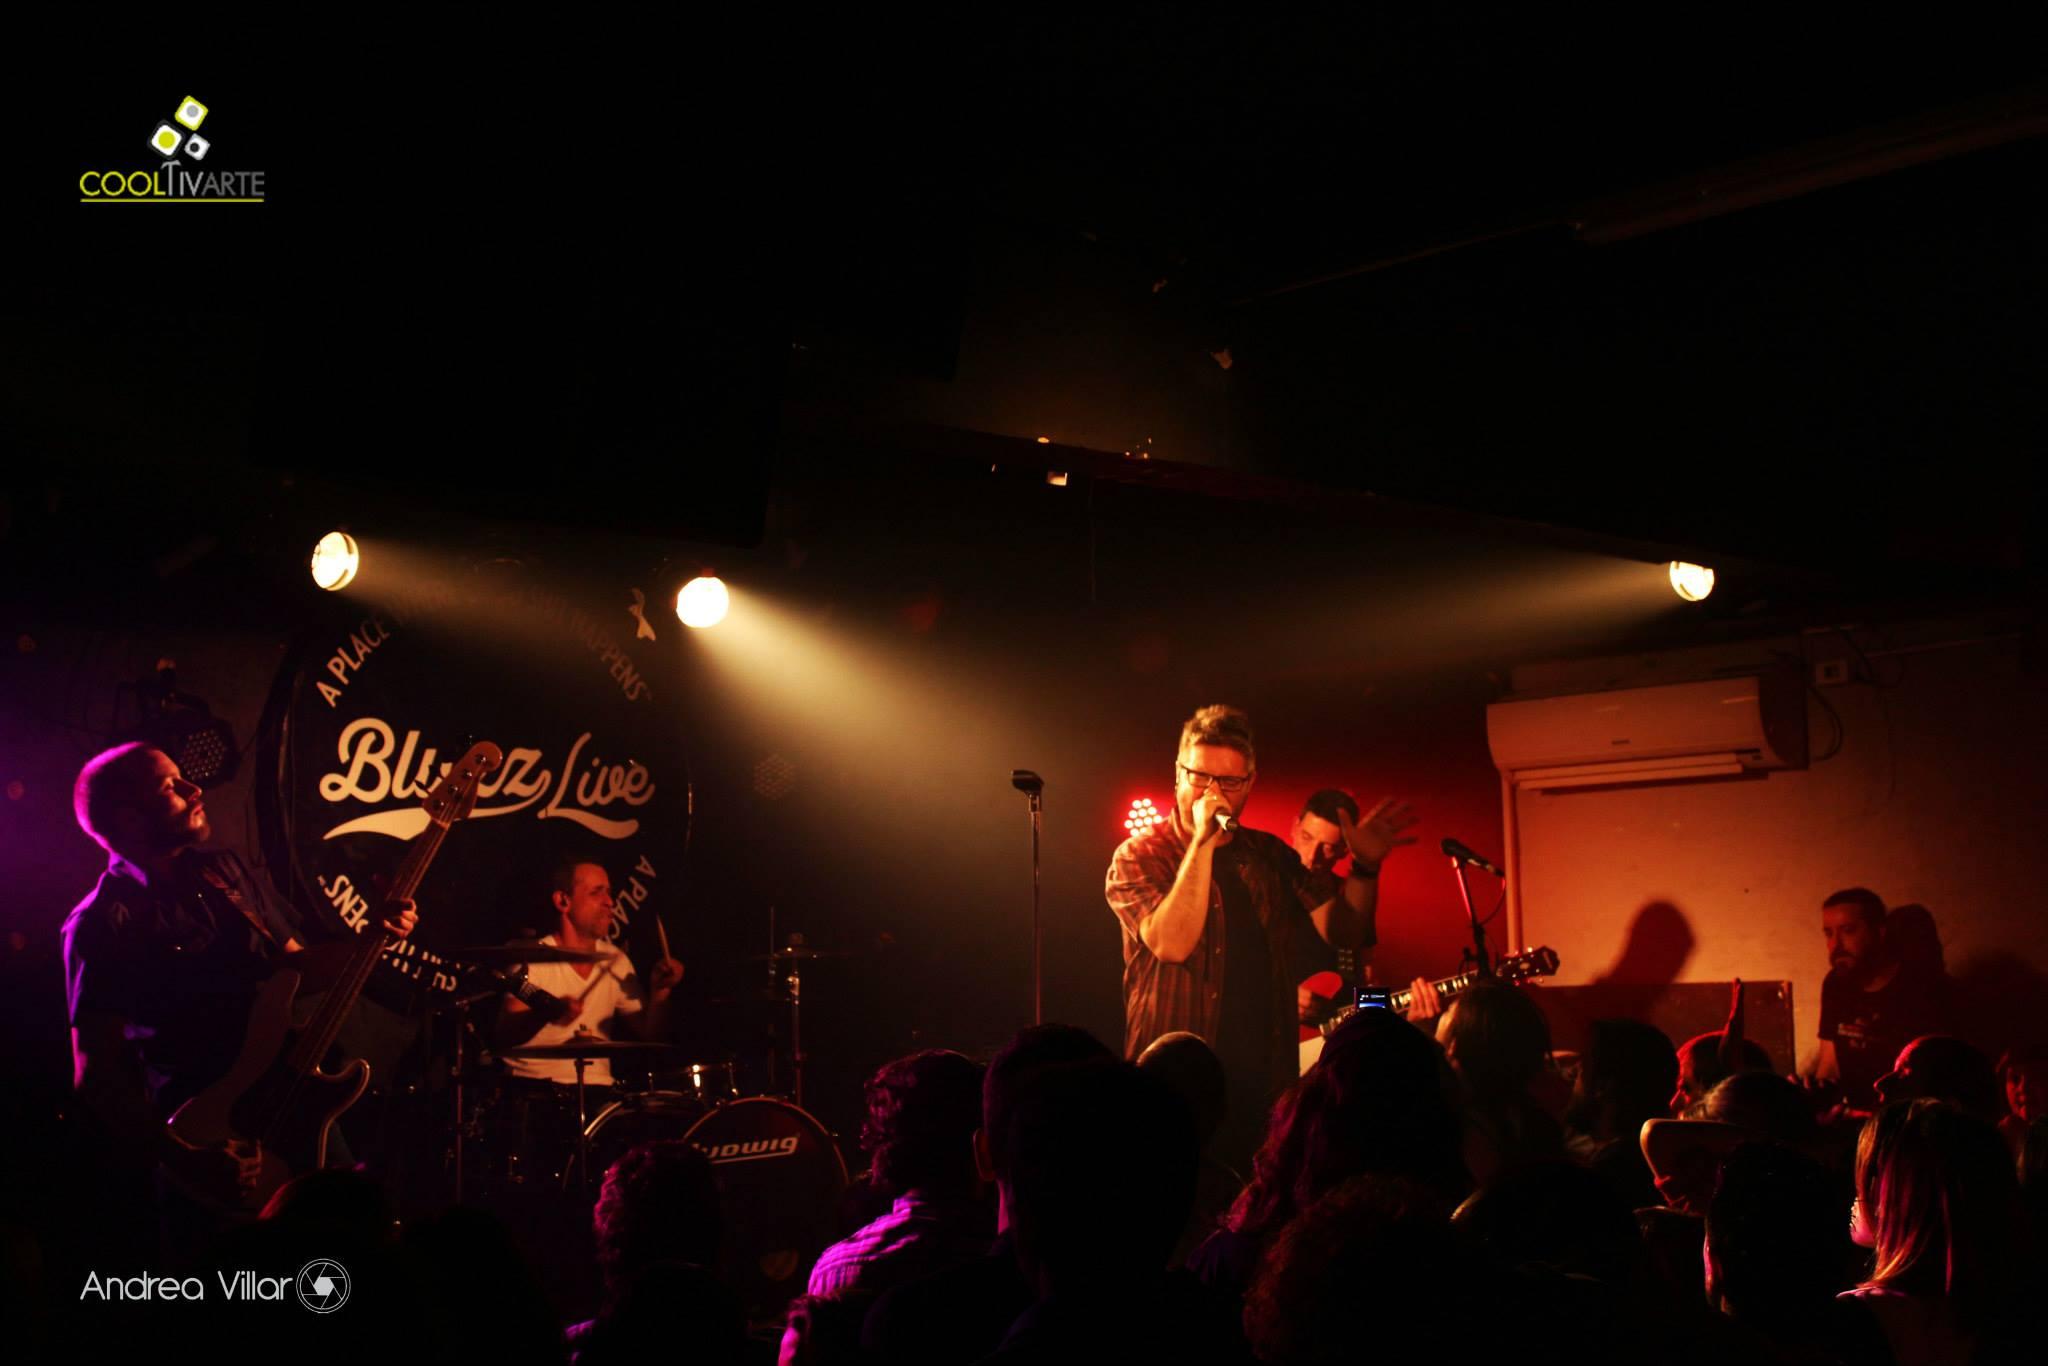 imagen - El Resto de Nosotros - 6 Nov. 2014 - Bluzz Live © Andrea Villar